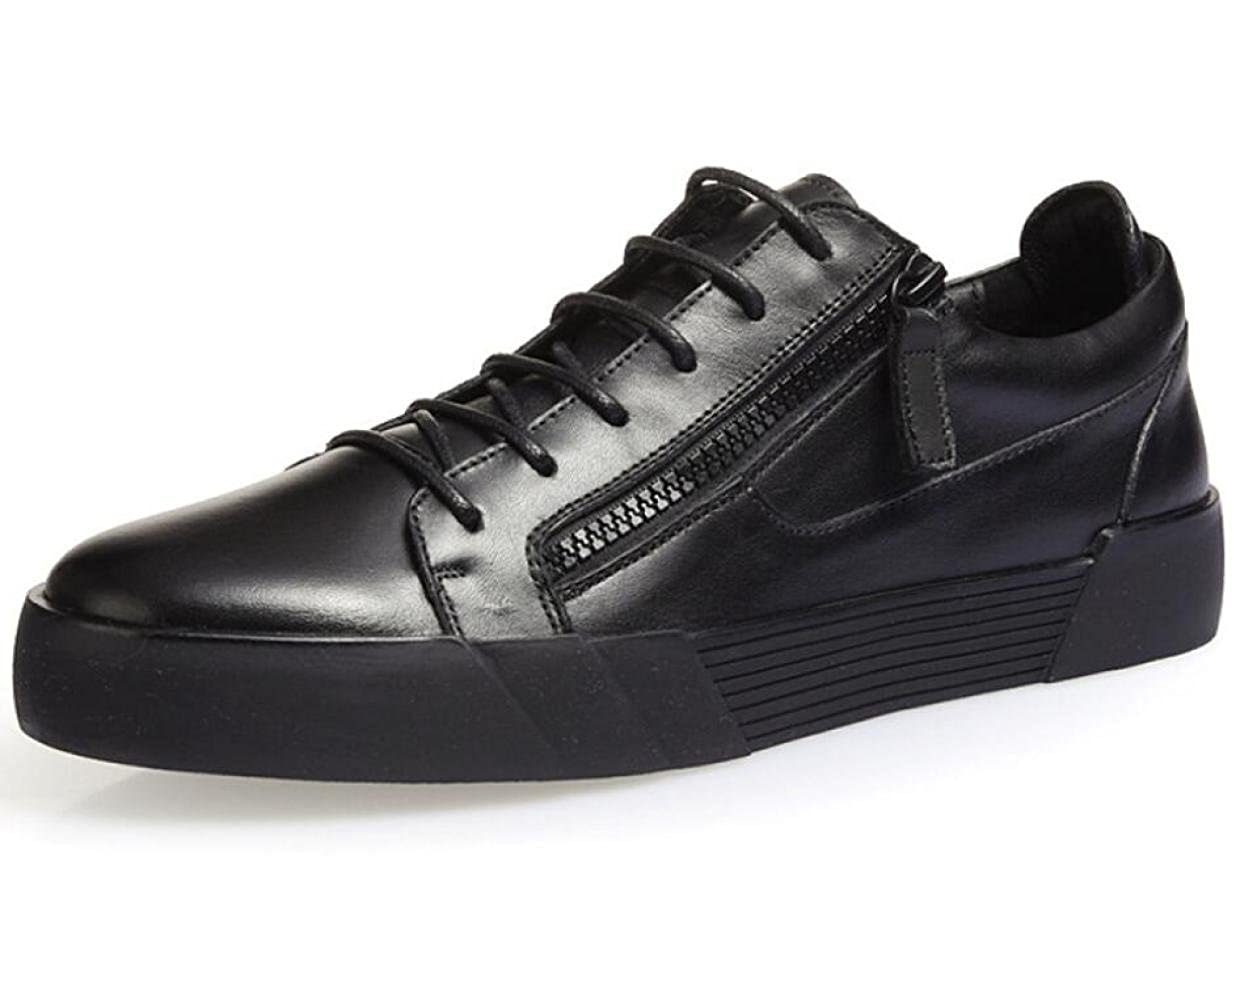 DHFUD Herbstschuhe Männliche Koreanische Freizeitschuhe Leder Herrenschuhe Atmungsaktiv Niedrige Schuhe